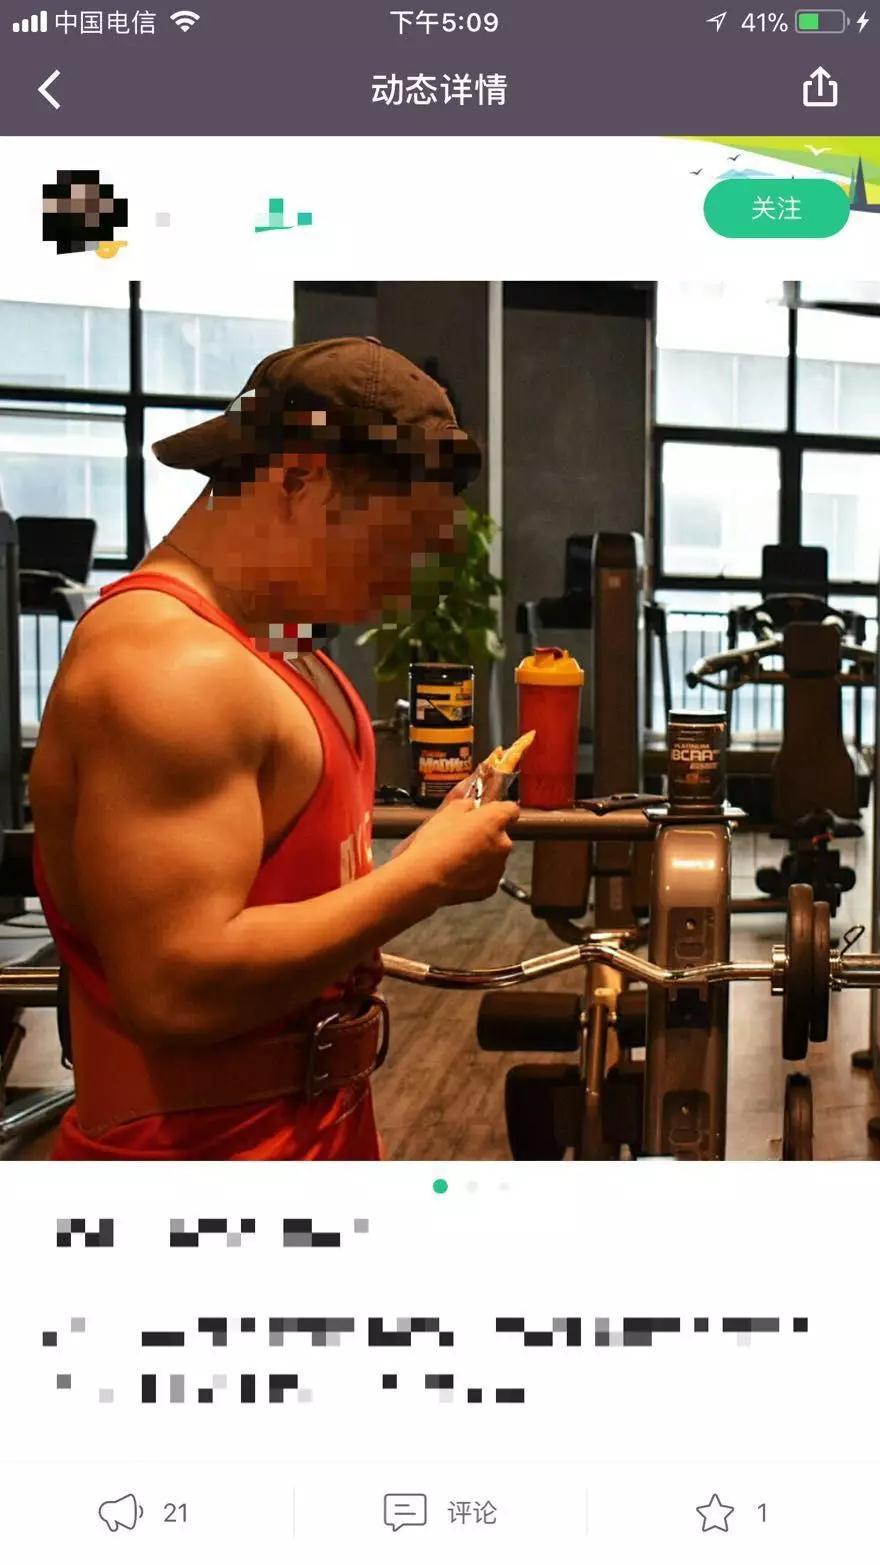 国庆福利:日引1000+高质量精准粉,利用健身APP玩转多重引流与变现